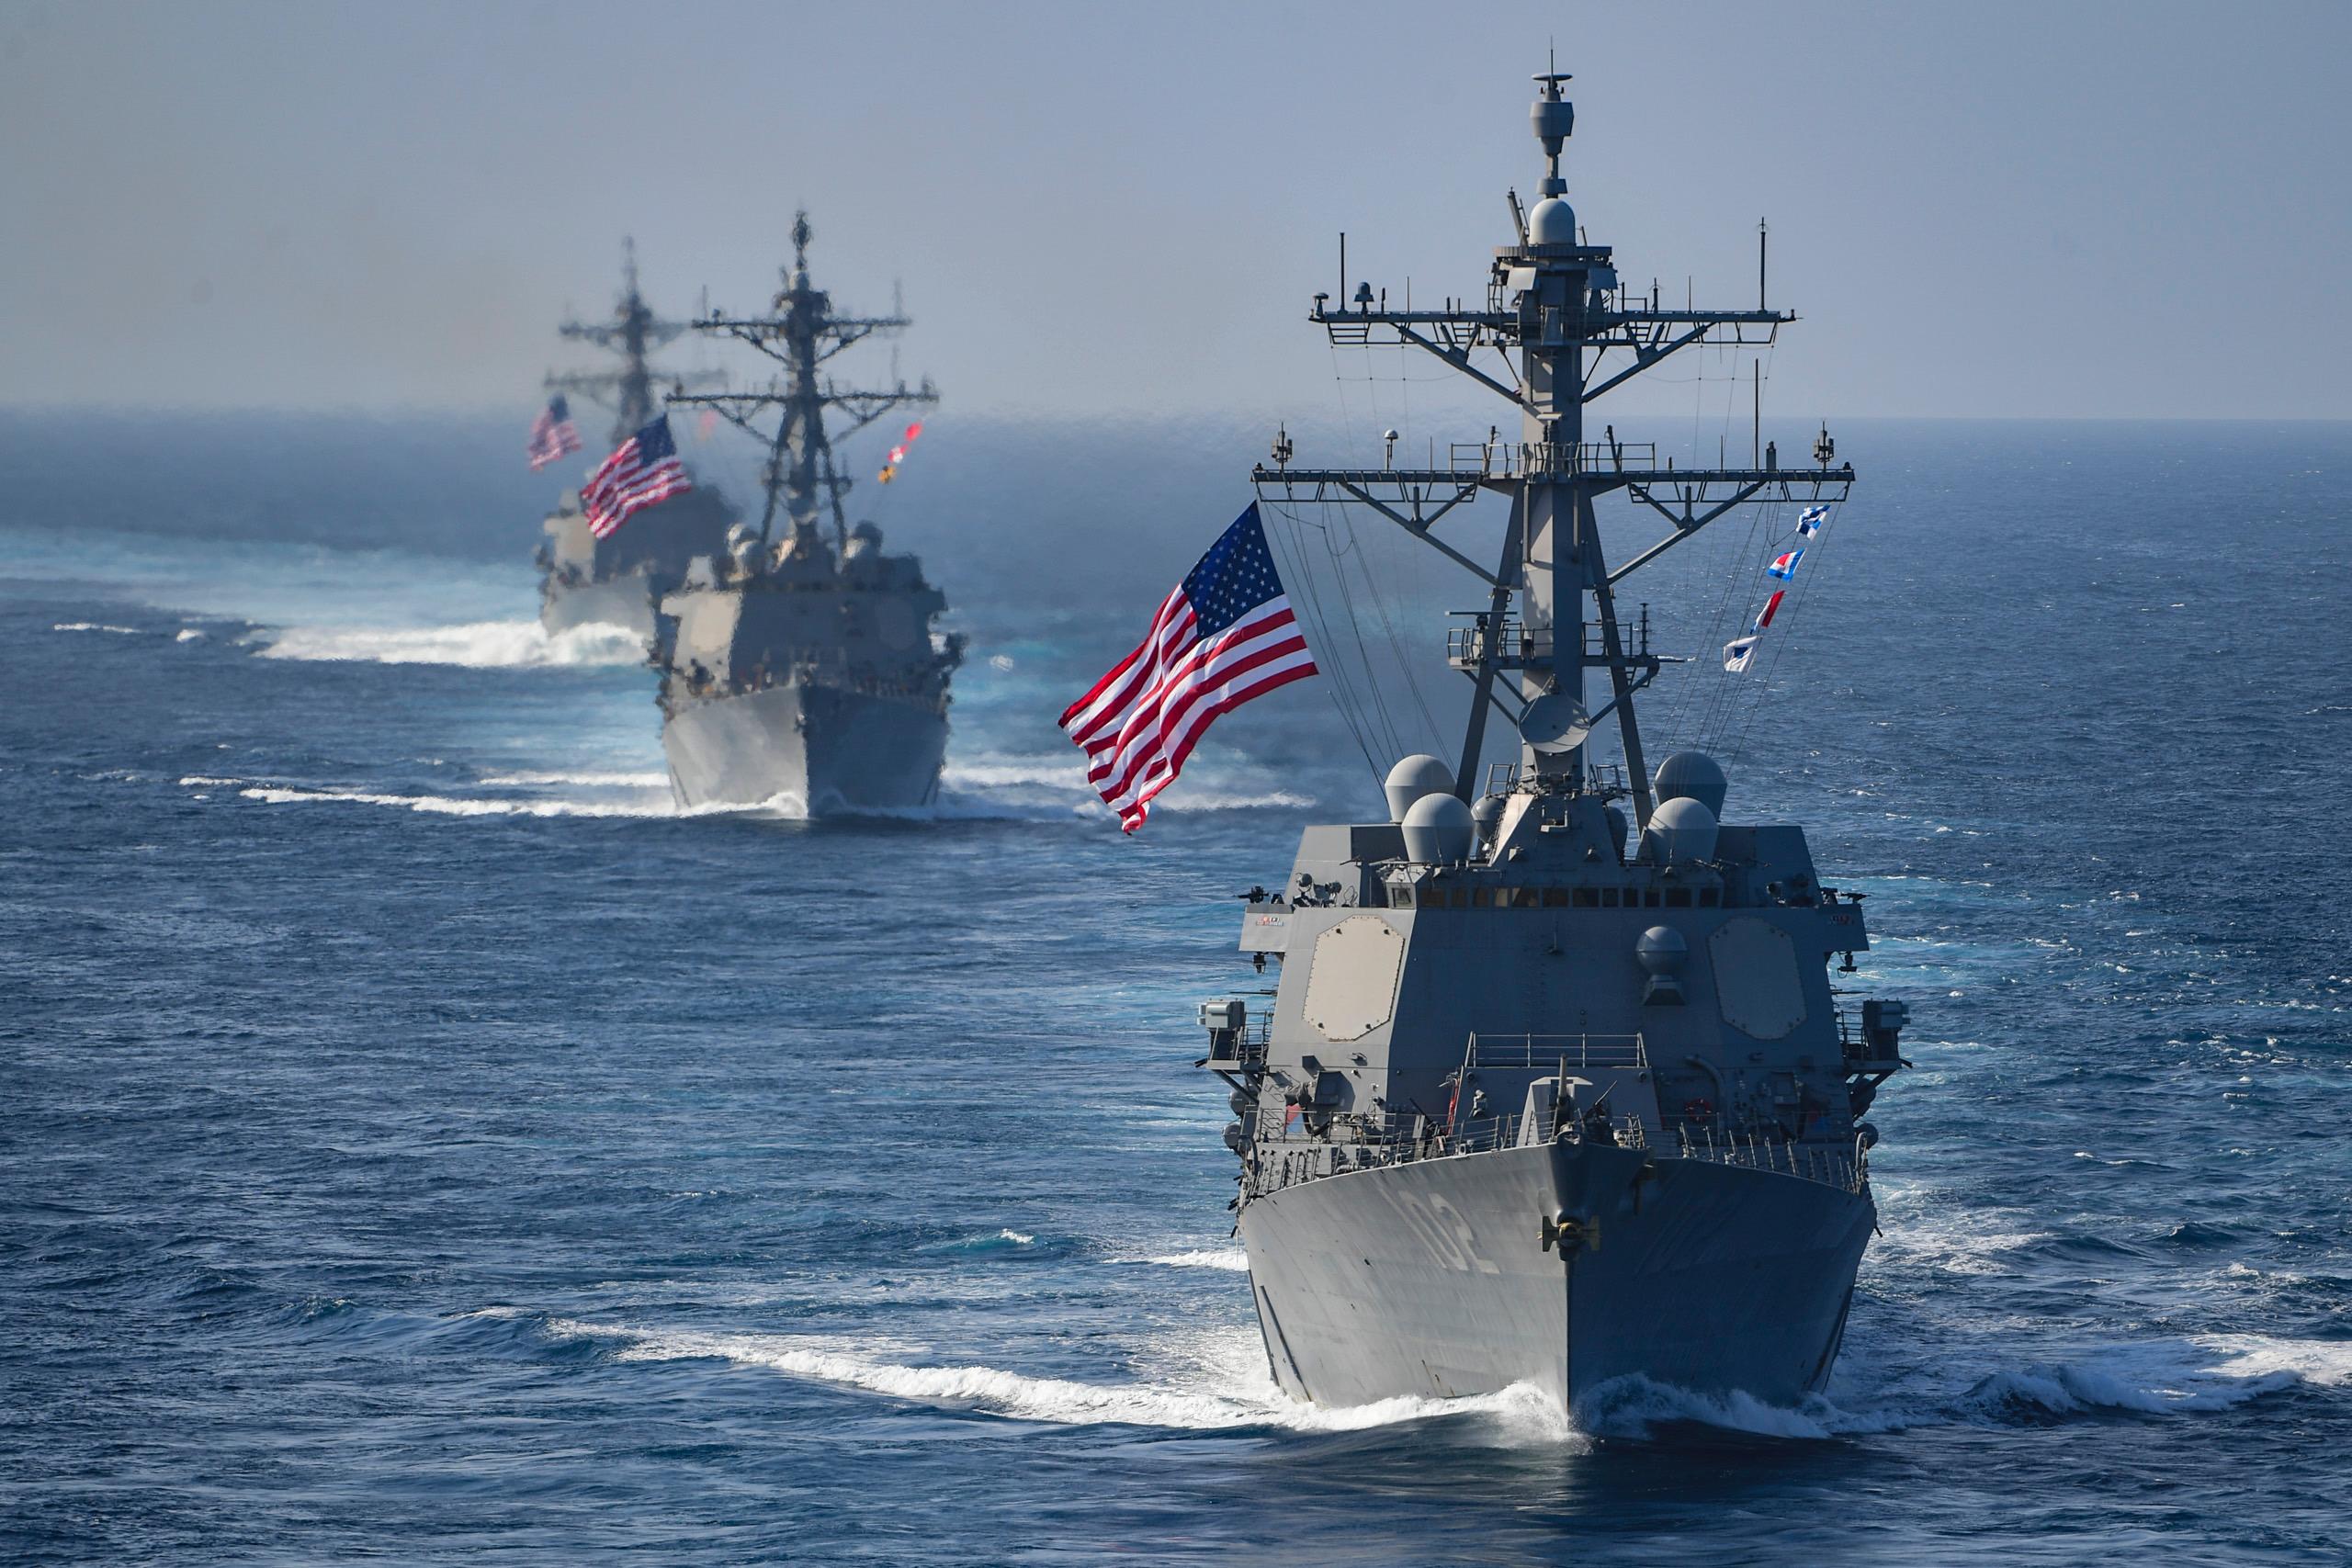 俄媒:美海军将调整结构大造护卫舰 数量超过原计划